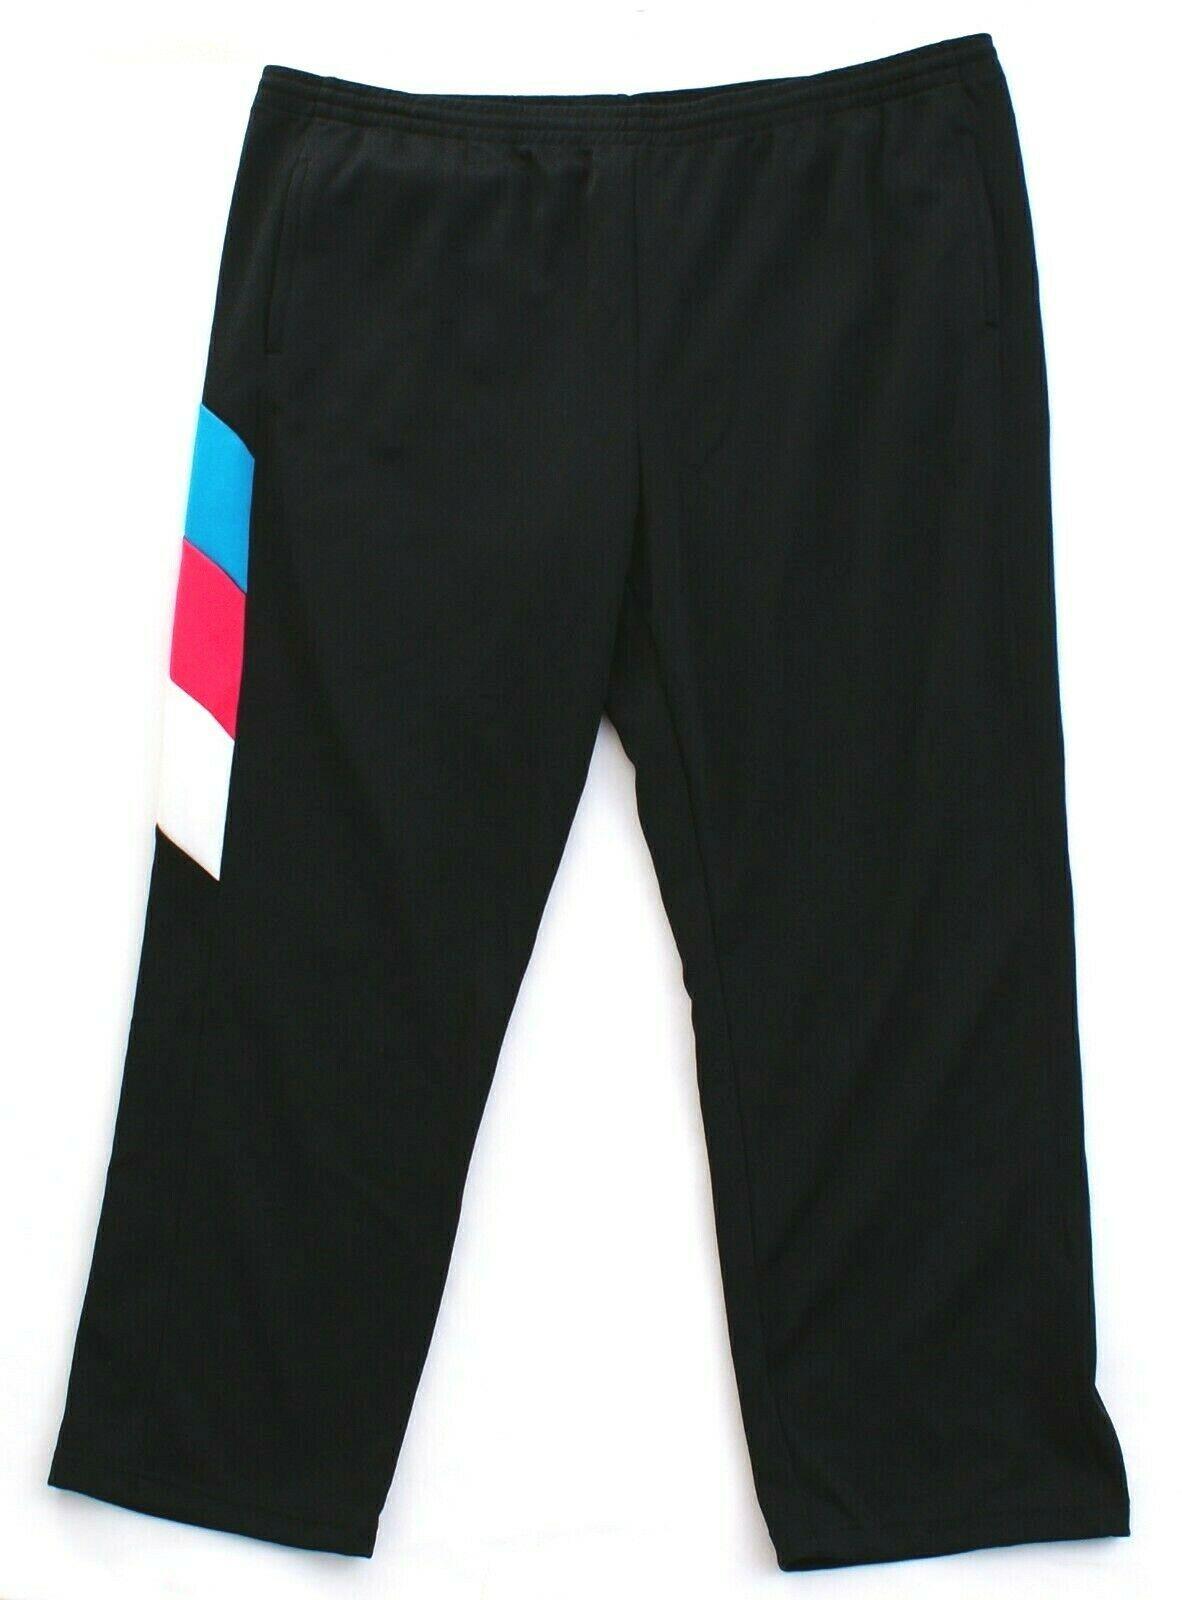 Adidas Originals Black HLZ UltraStar Track Pants Men's NWT